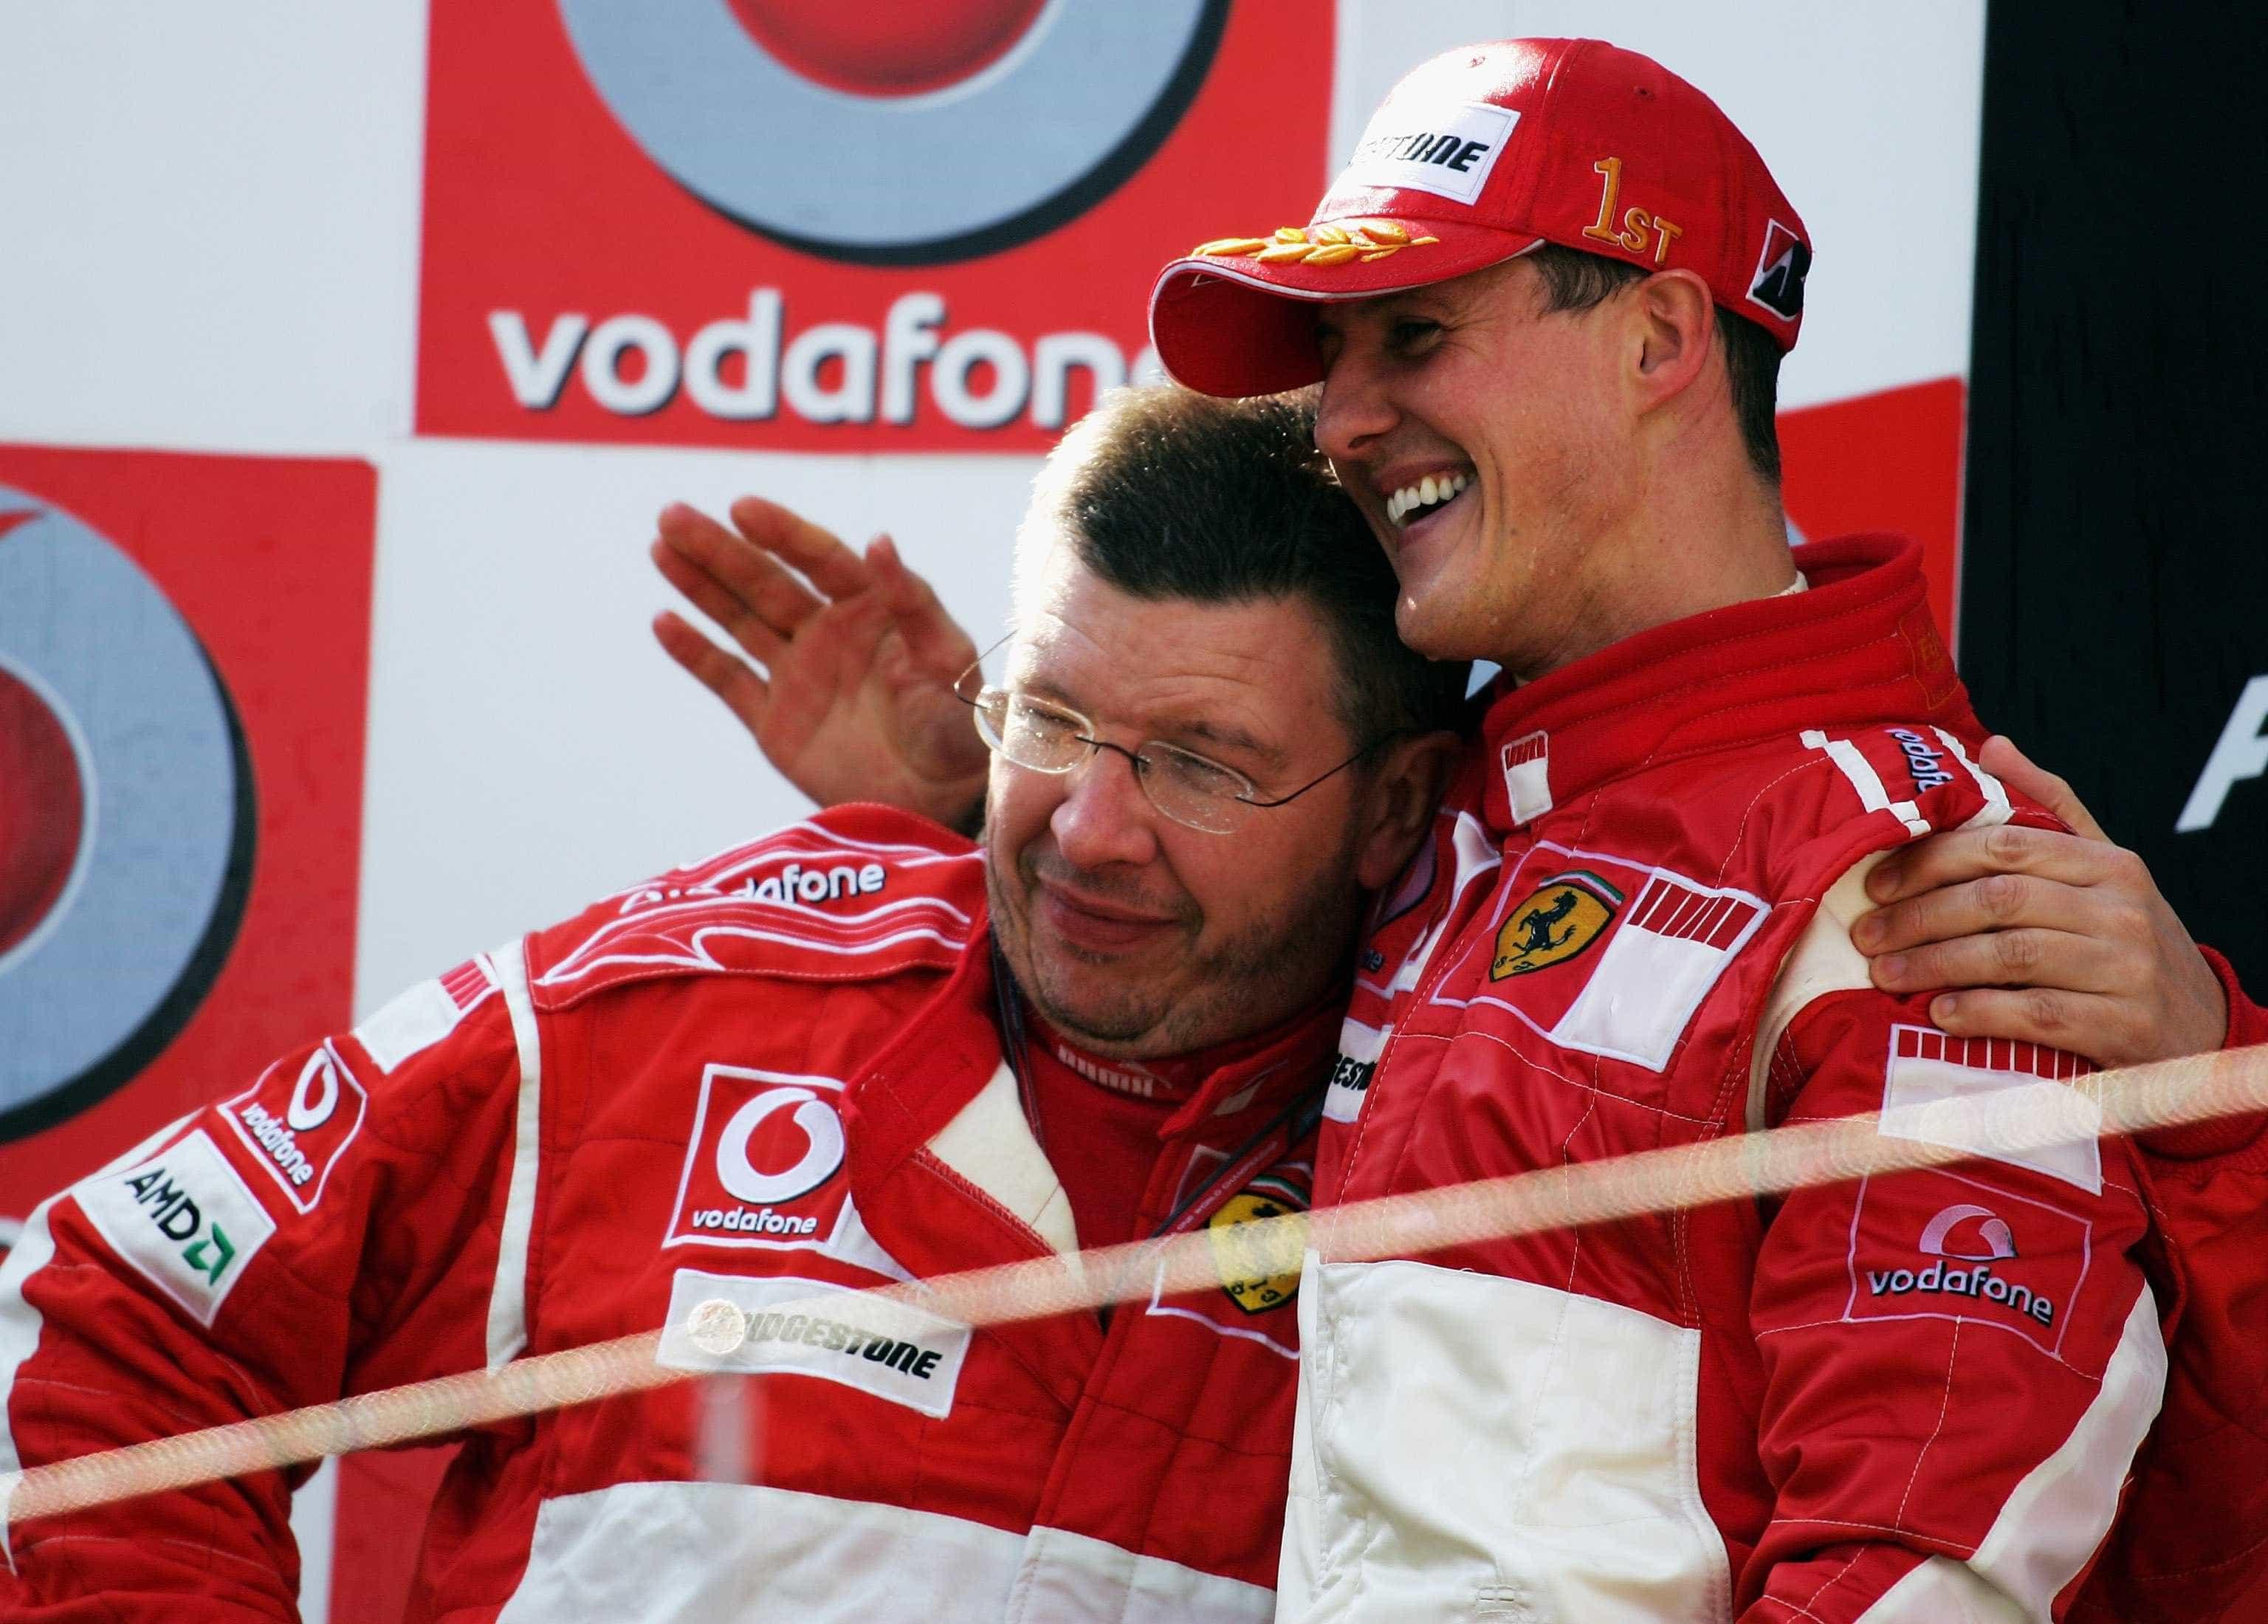 O 'mistério' Schumacher: A maior lenda da Formula 1 completa hoje 50 anos